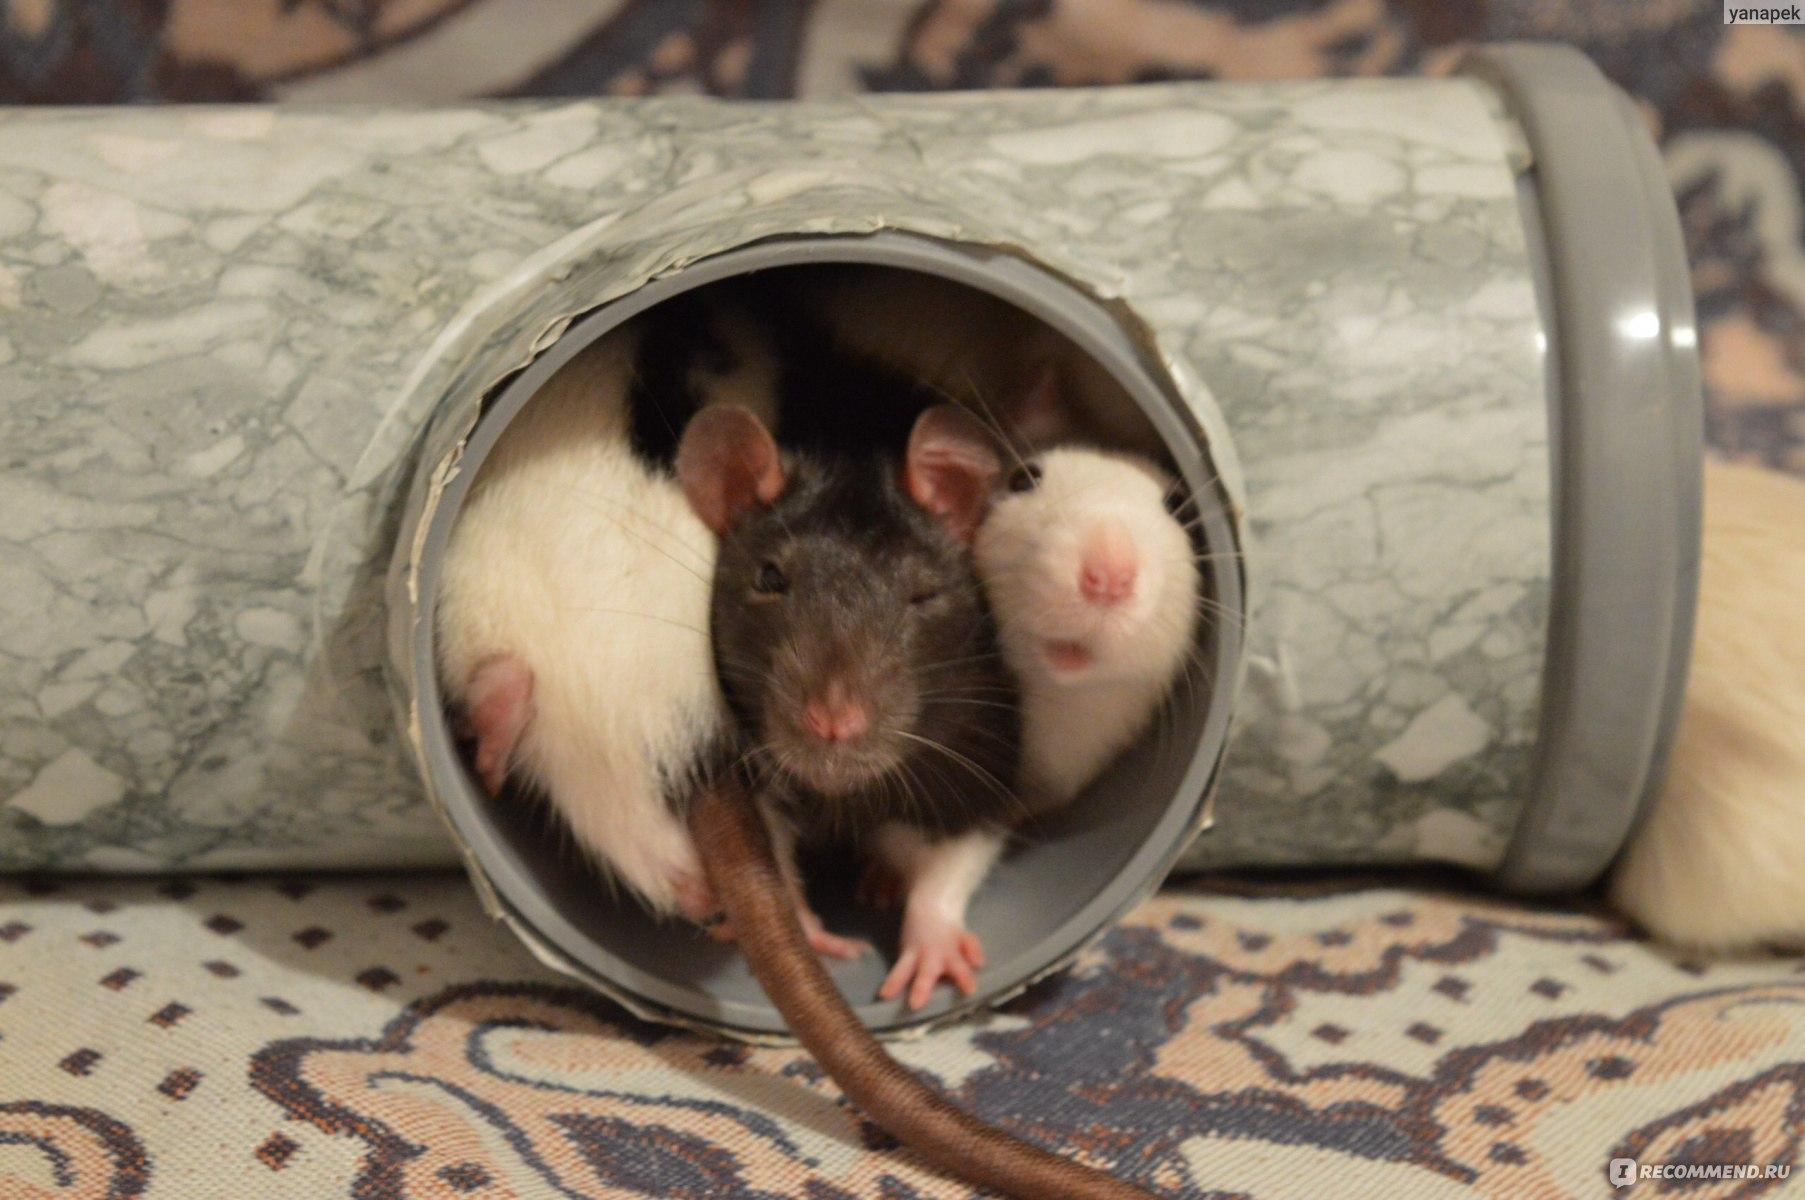 Домашняя крыса издает странные звуки, что они означают - kotiko.ru